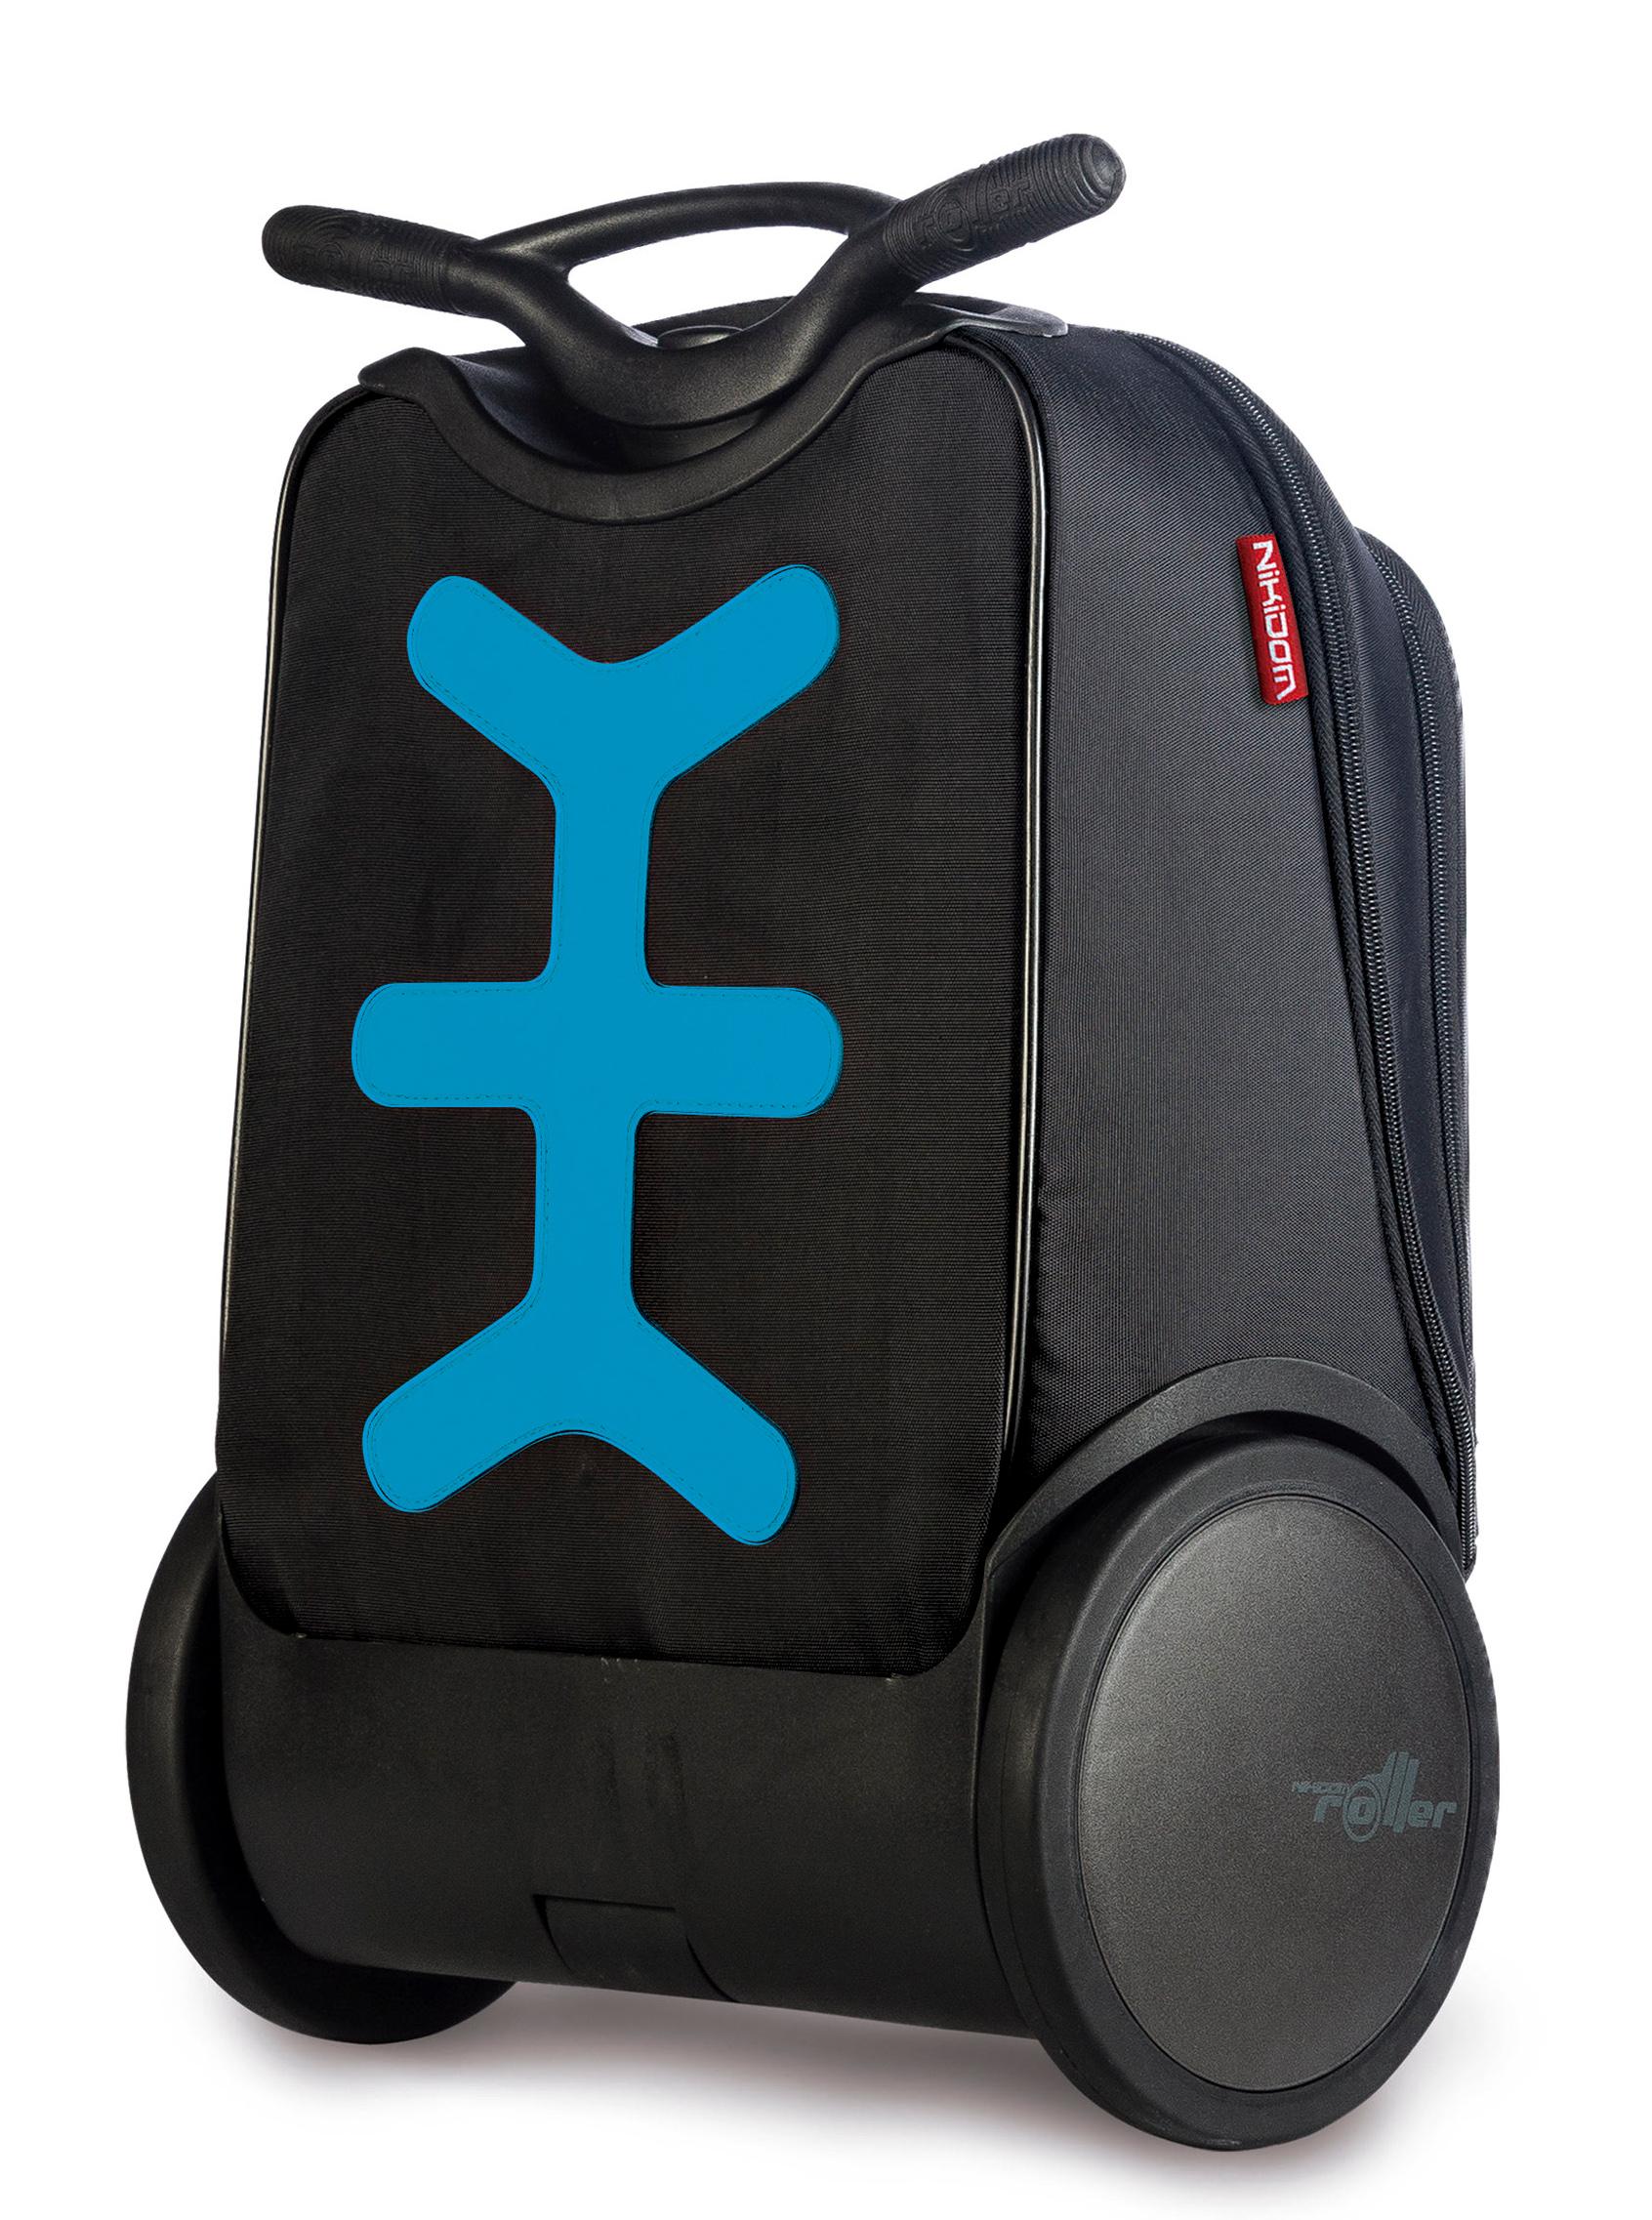 Рюкзак на колесах Nikidom Испания Мандала арт. 9011 (19 литров), - фото 6